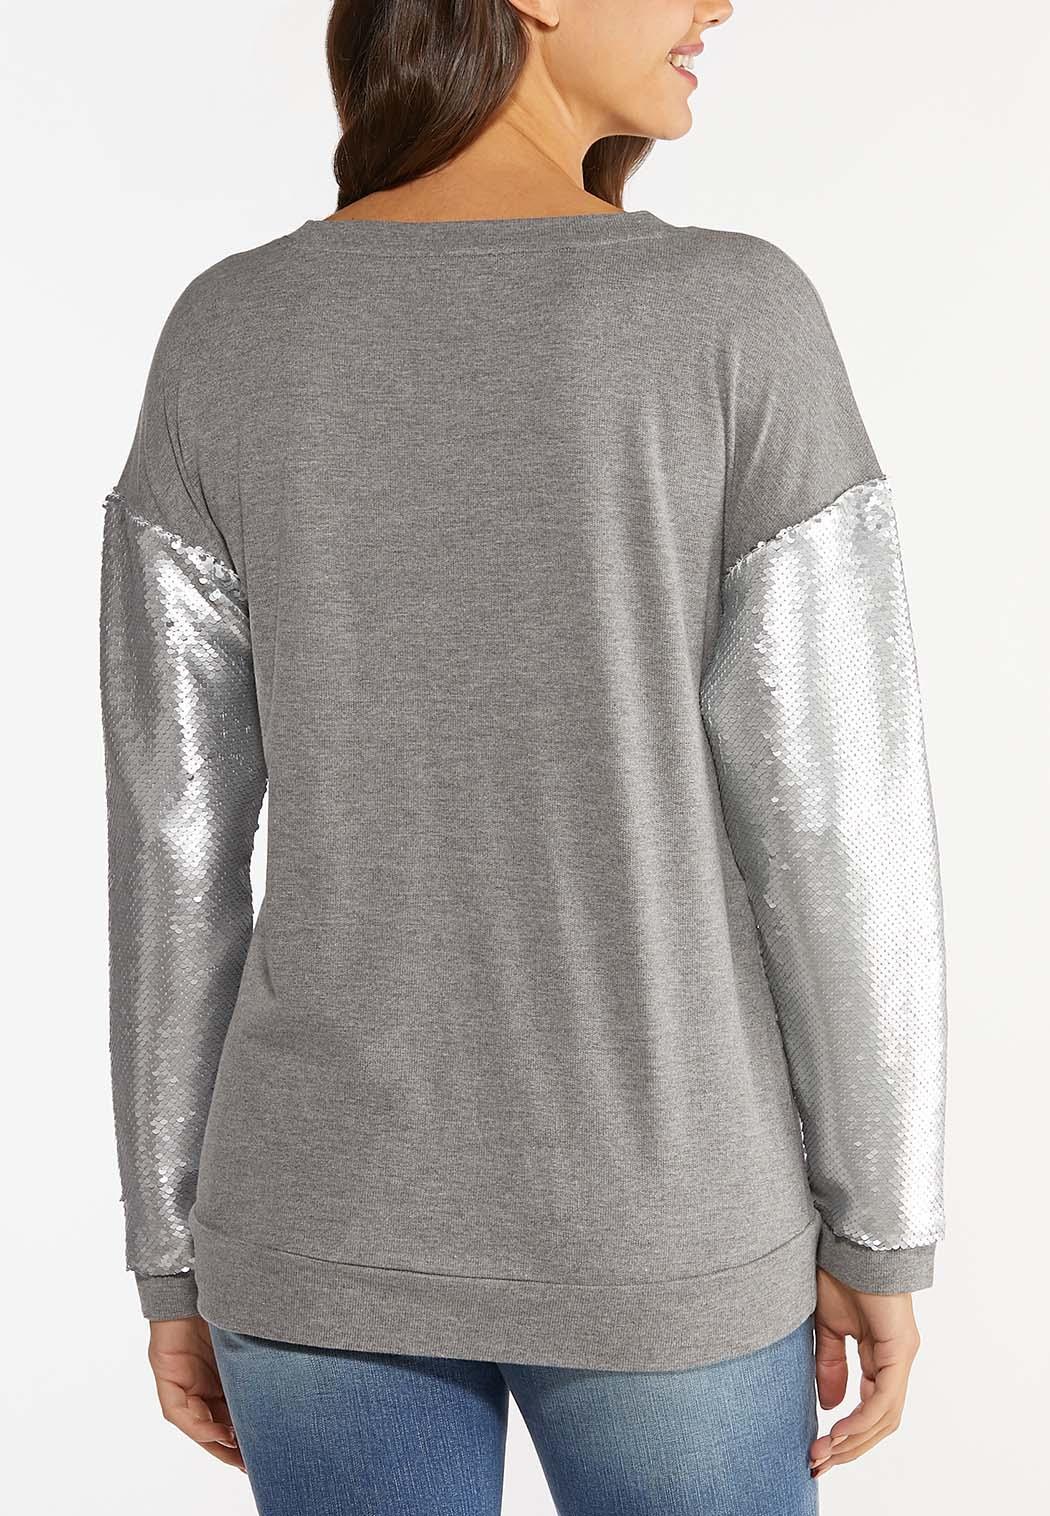 Sequin Sleeve Sweatshirt (Item #44425946)